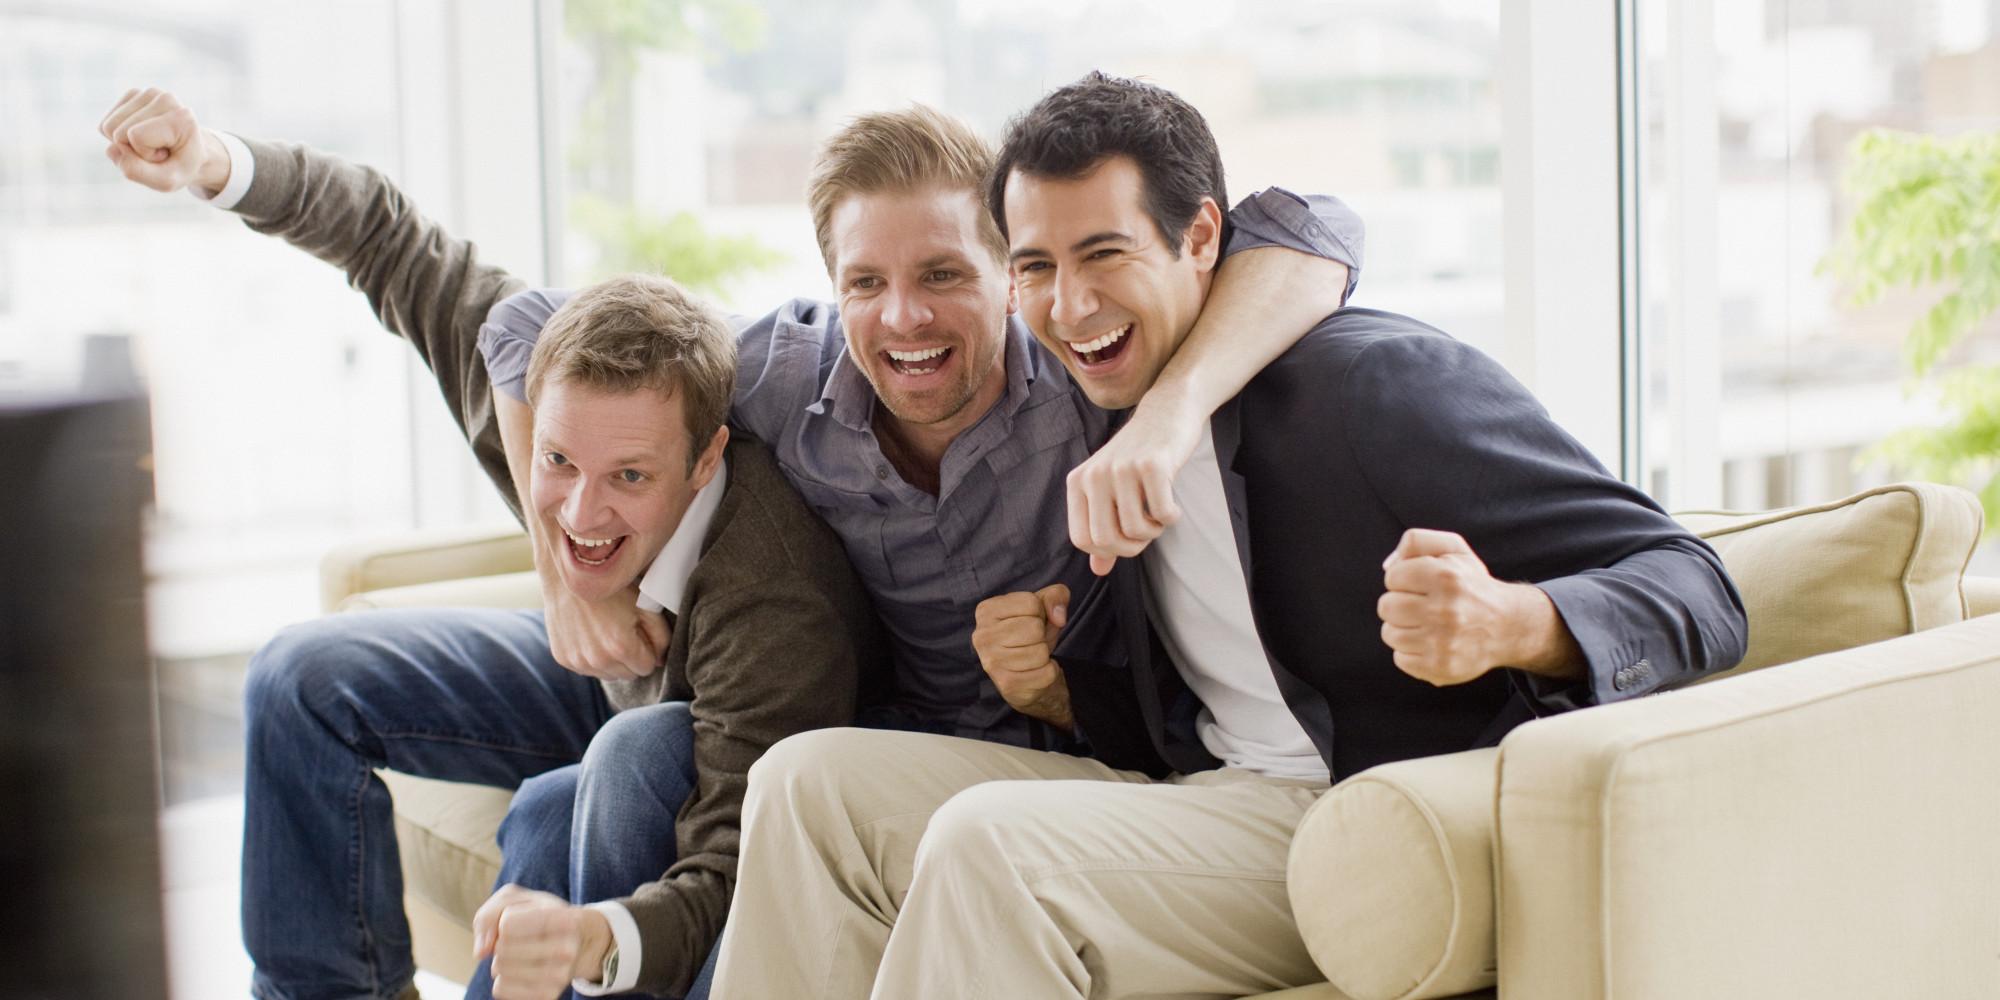 مجموعة أصدقاء يستمتعون بوقتهم معا